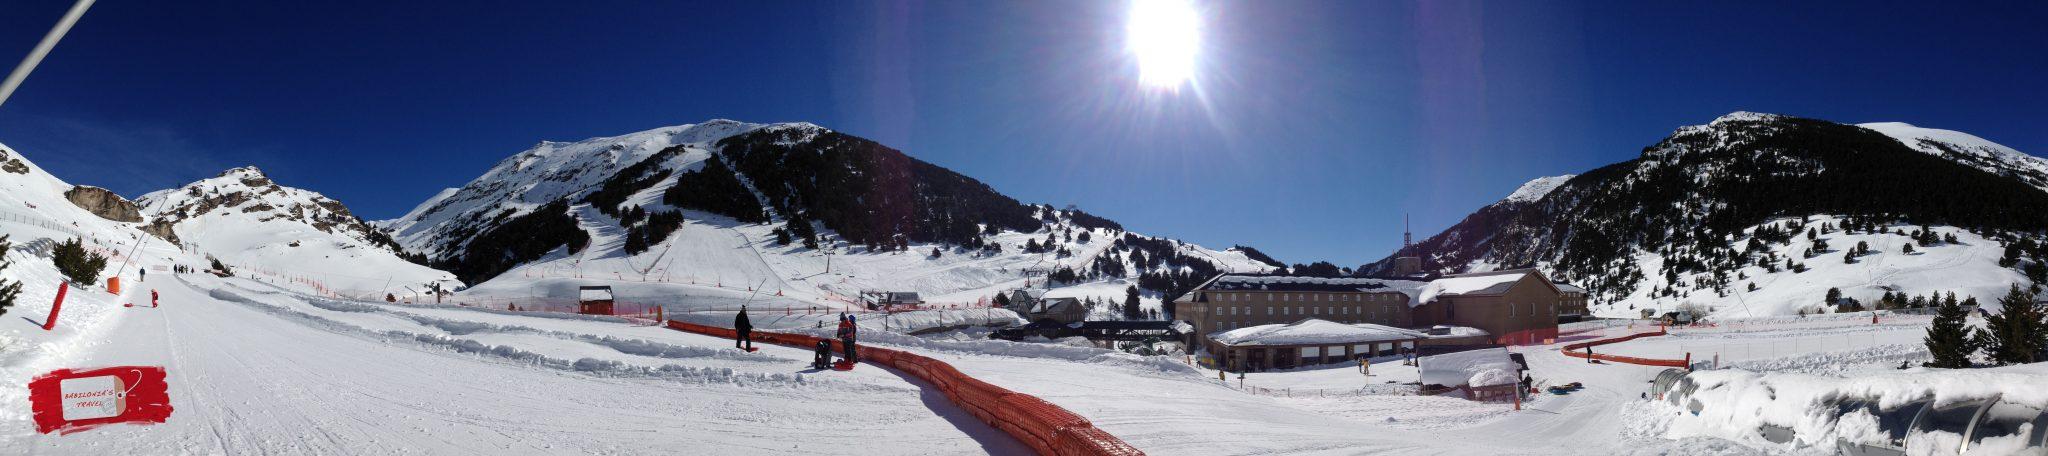 nieve vall de nuria